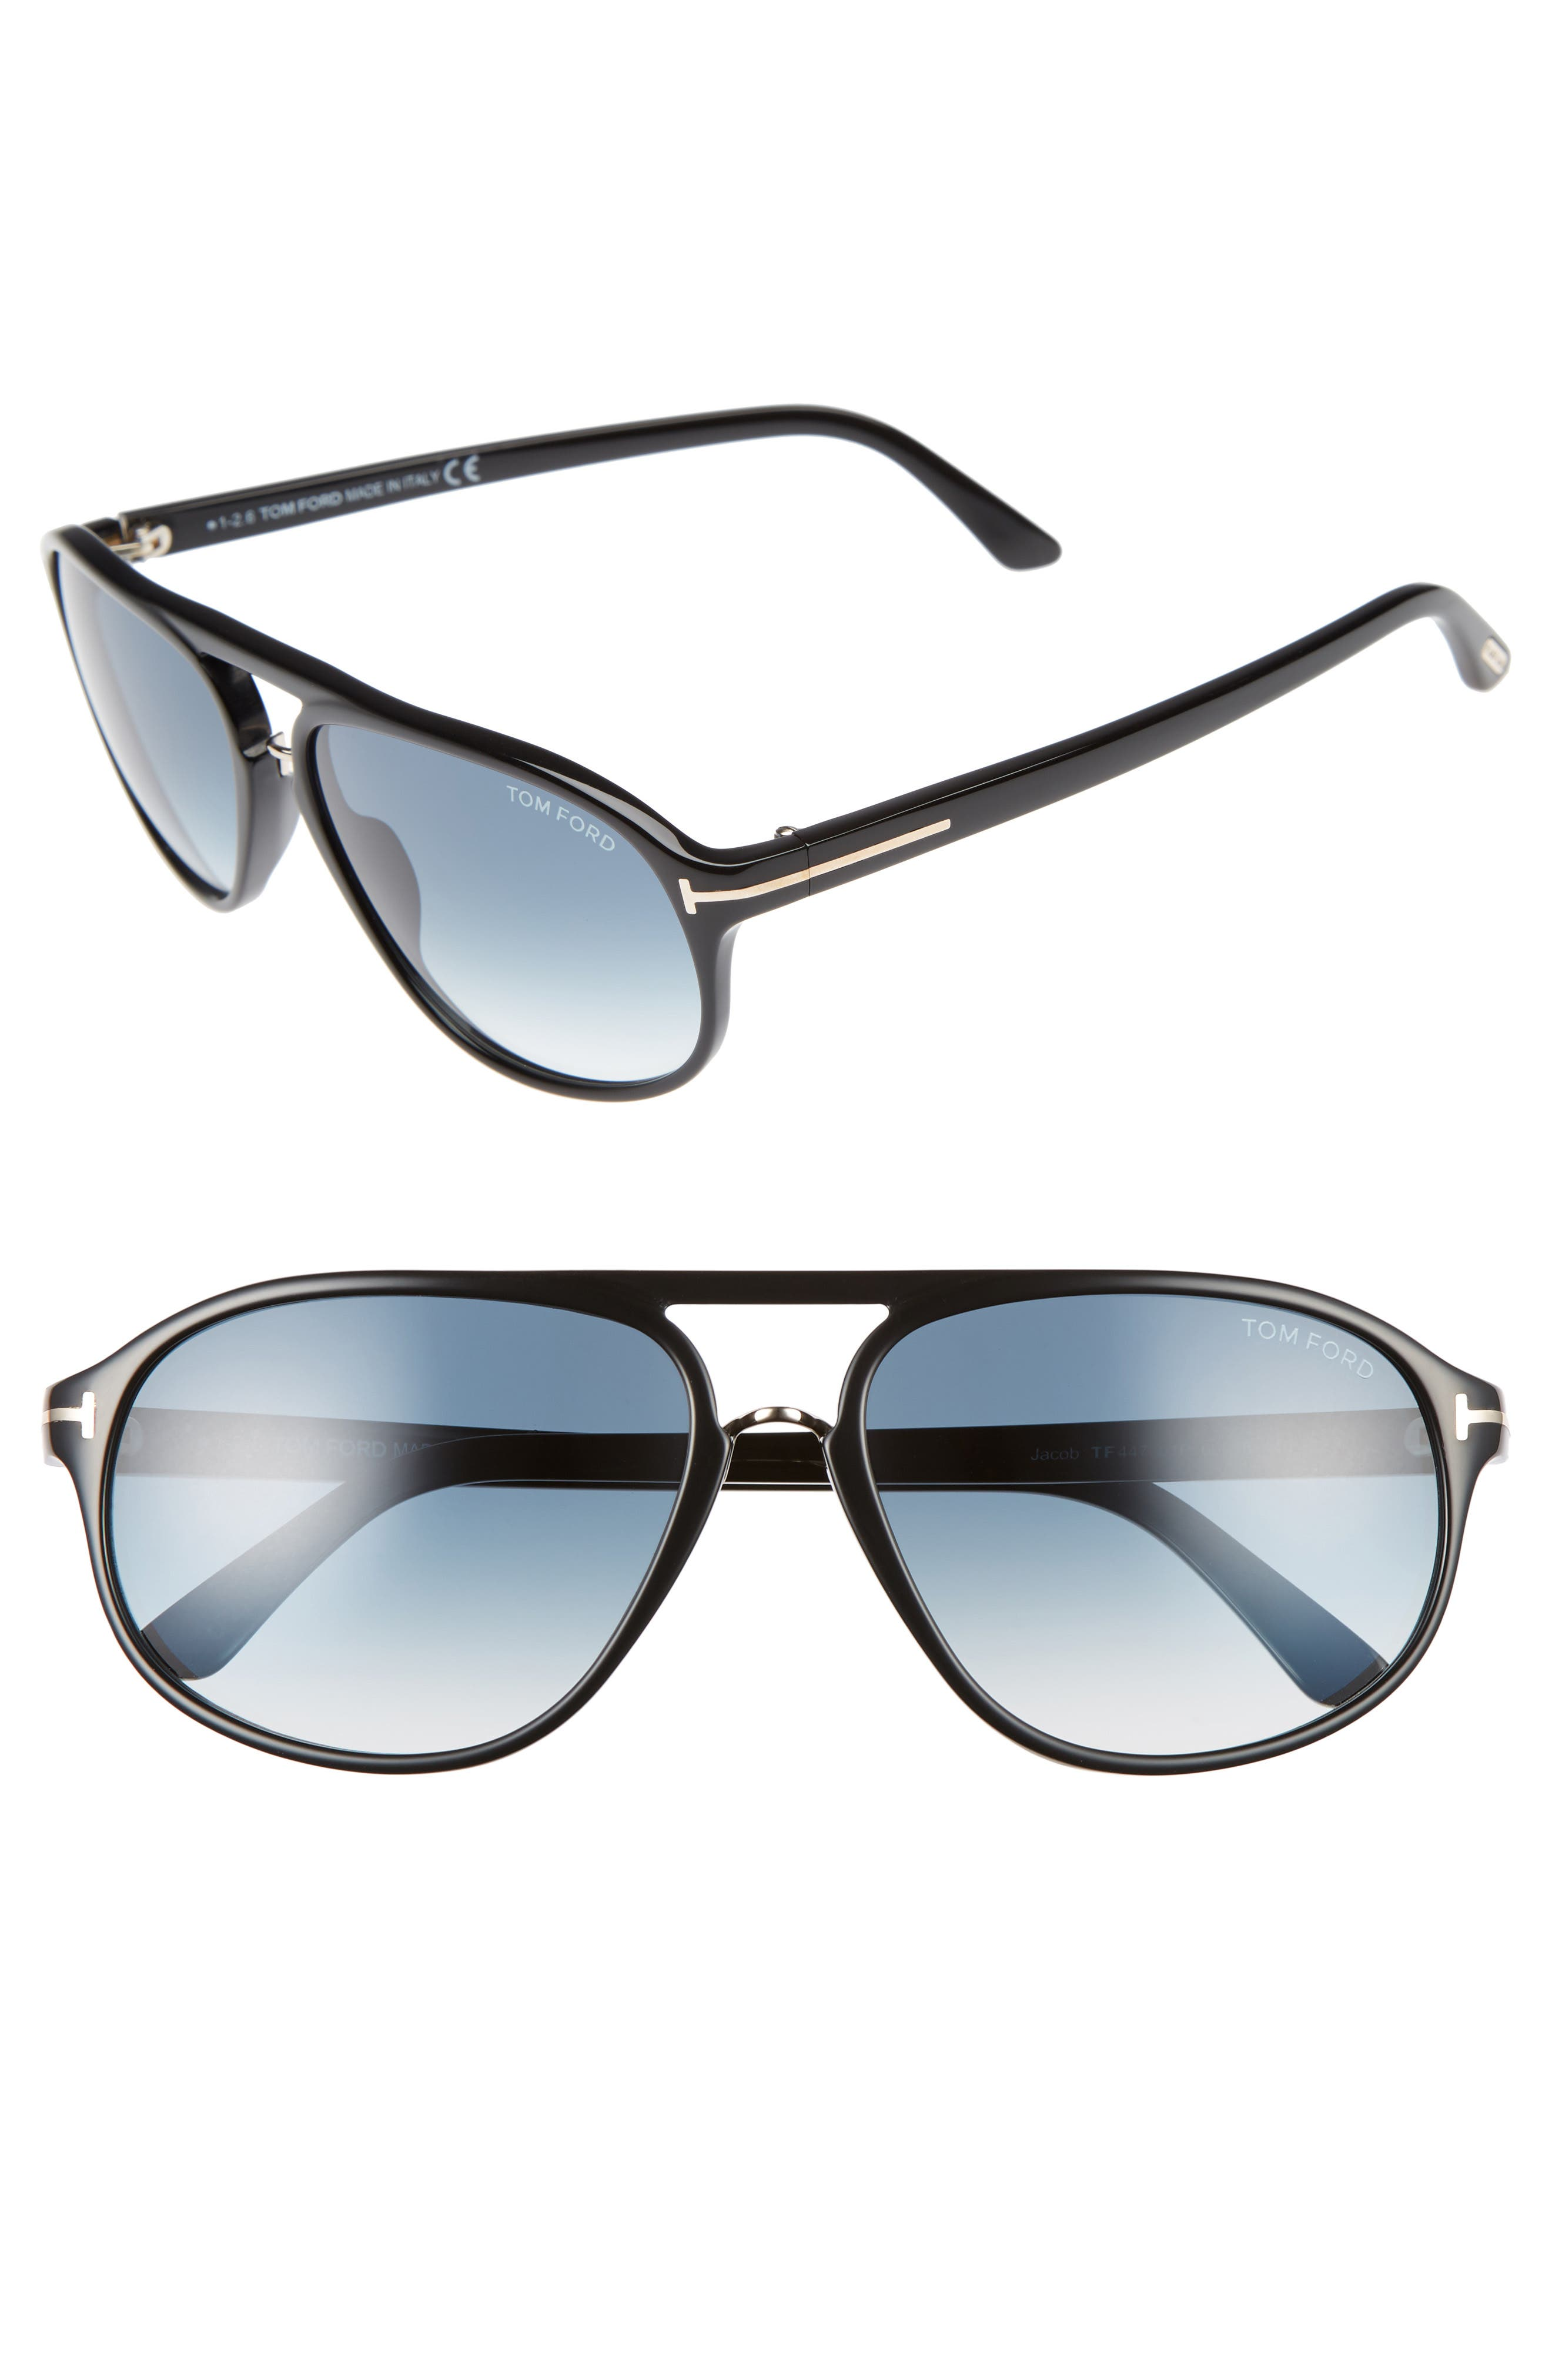 Jacob 60mm Retro Sunglasses,                             Main thumbnail 1, color,                             001